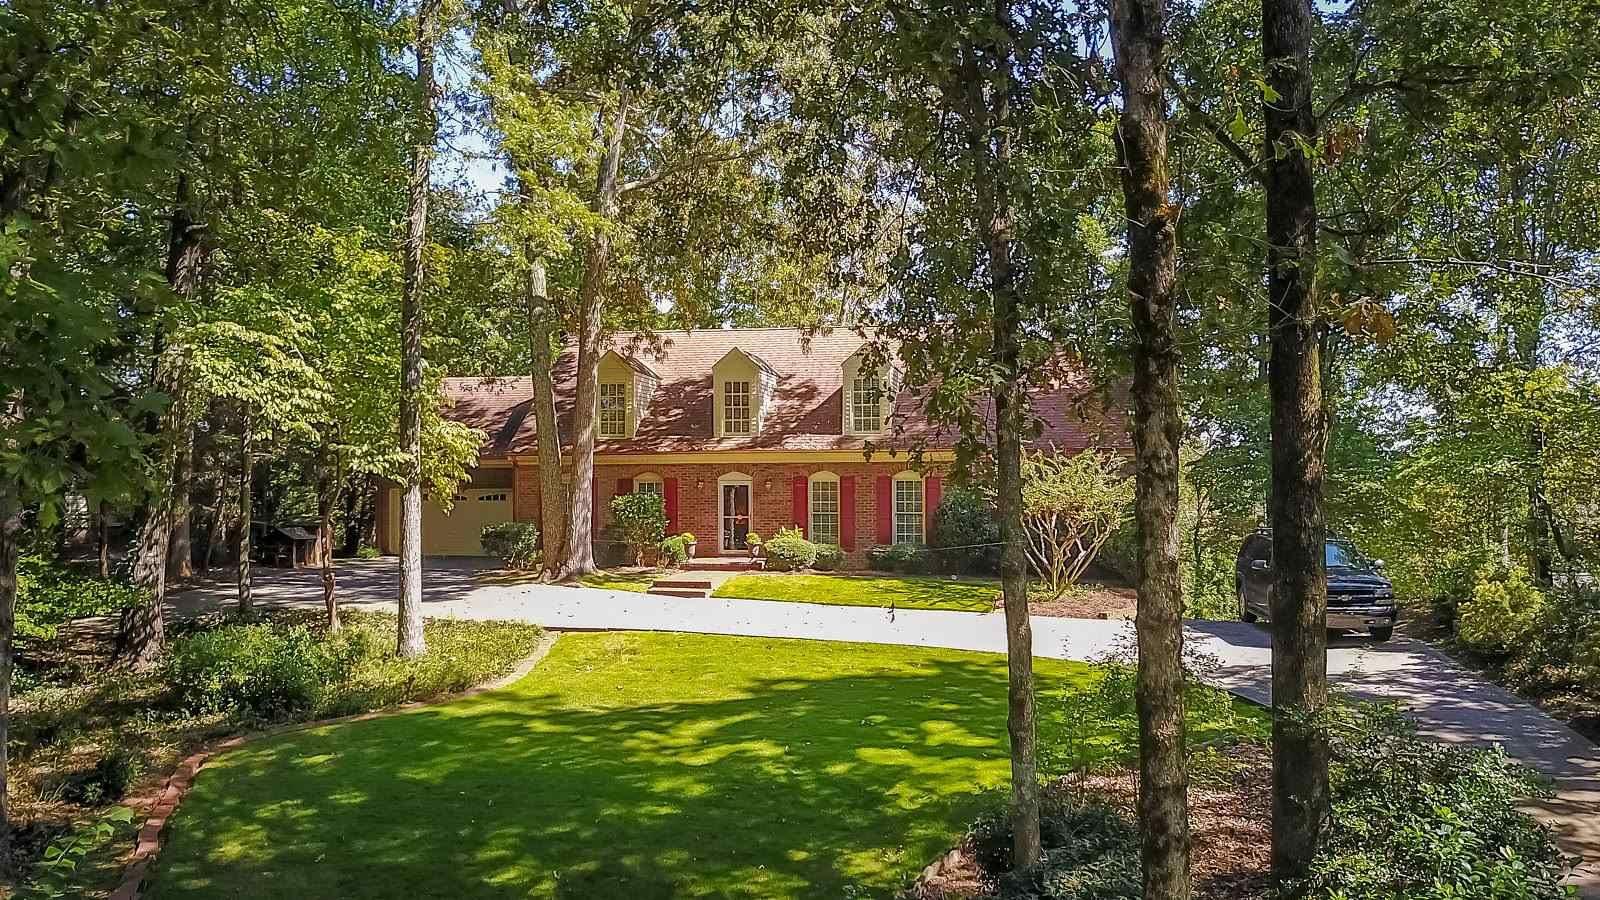 1035 Farmhouse Rd, Gainesville, GA 30506 - MLS#: 8869819